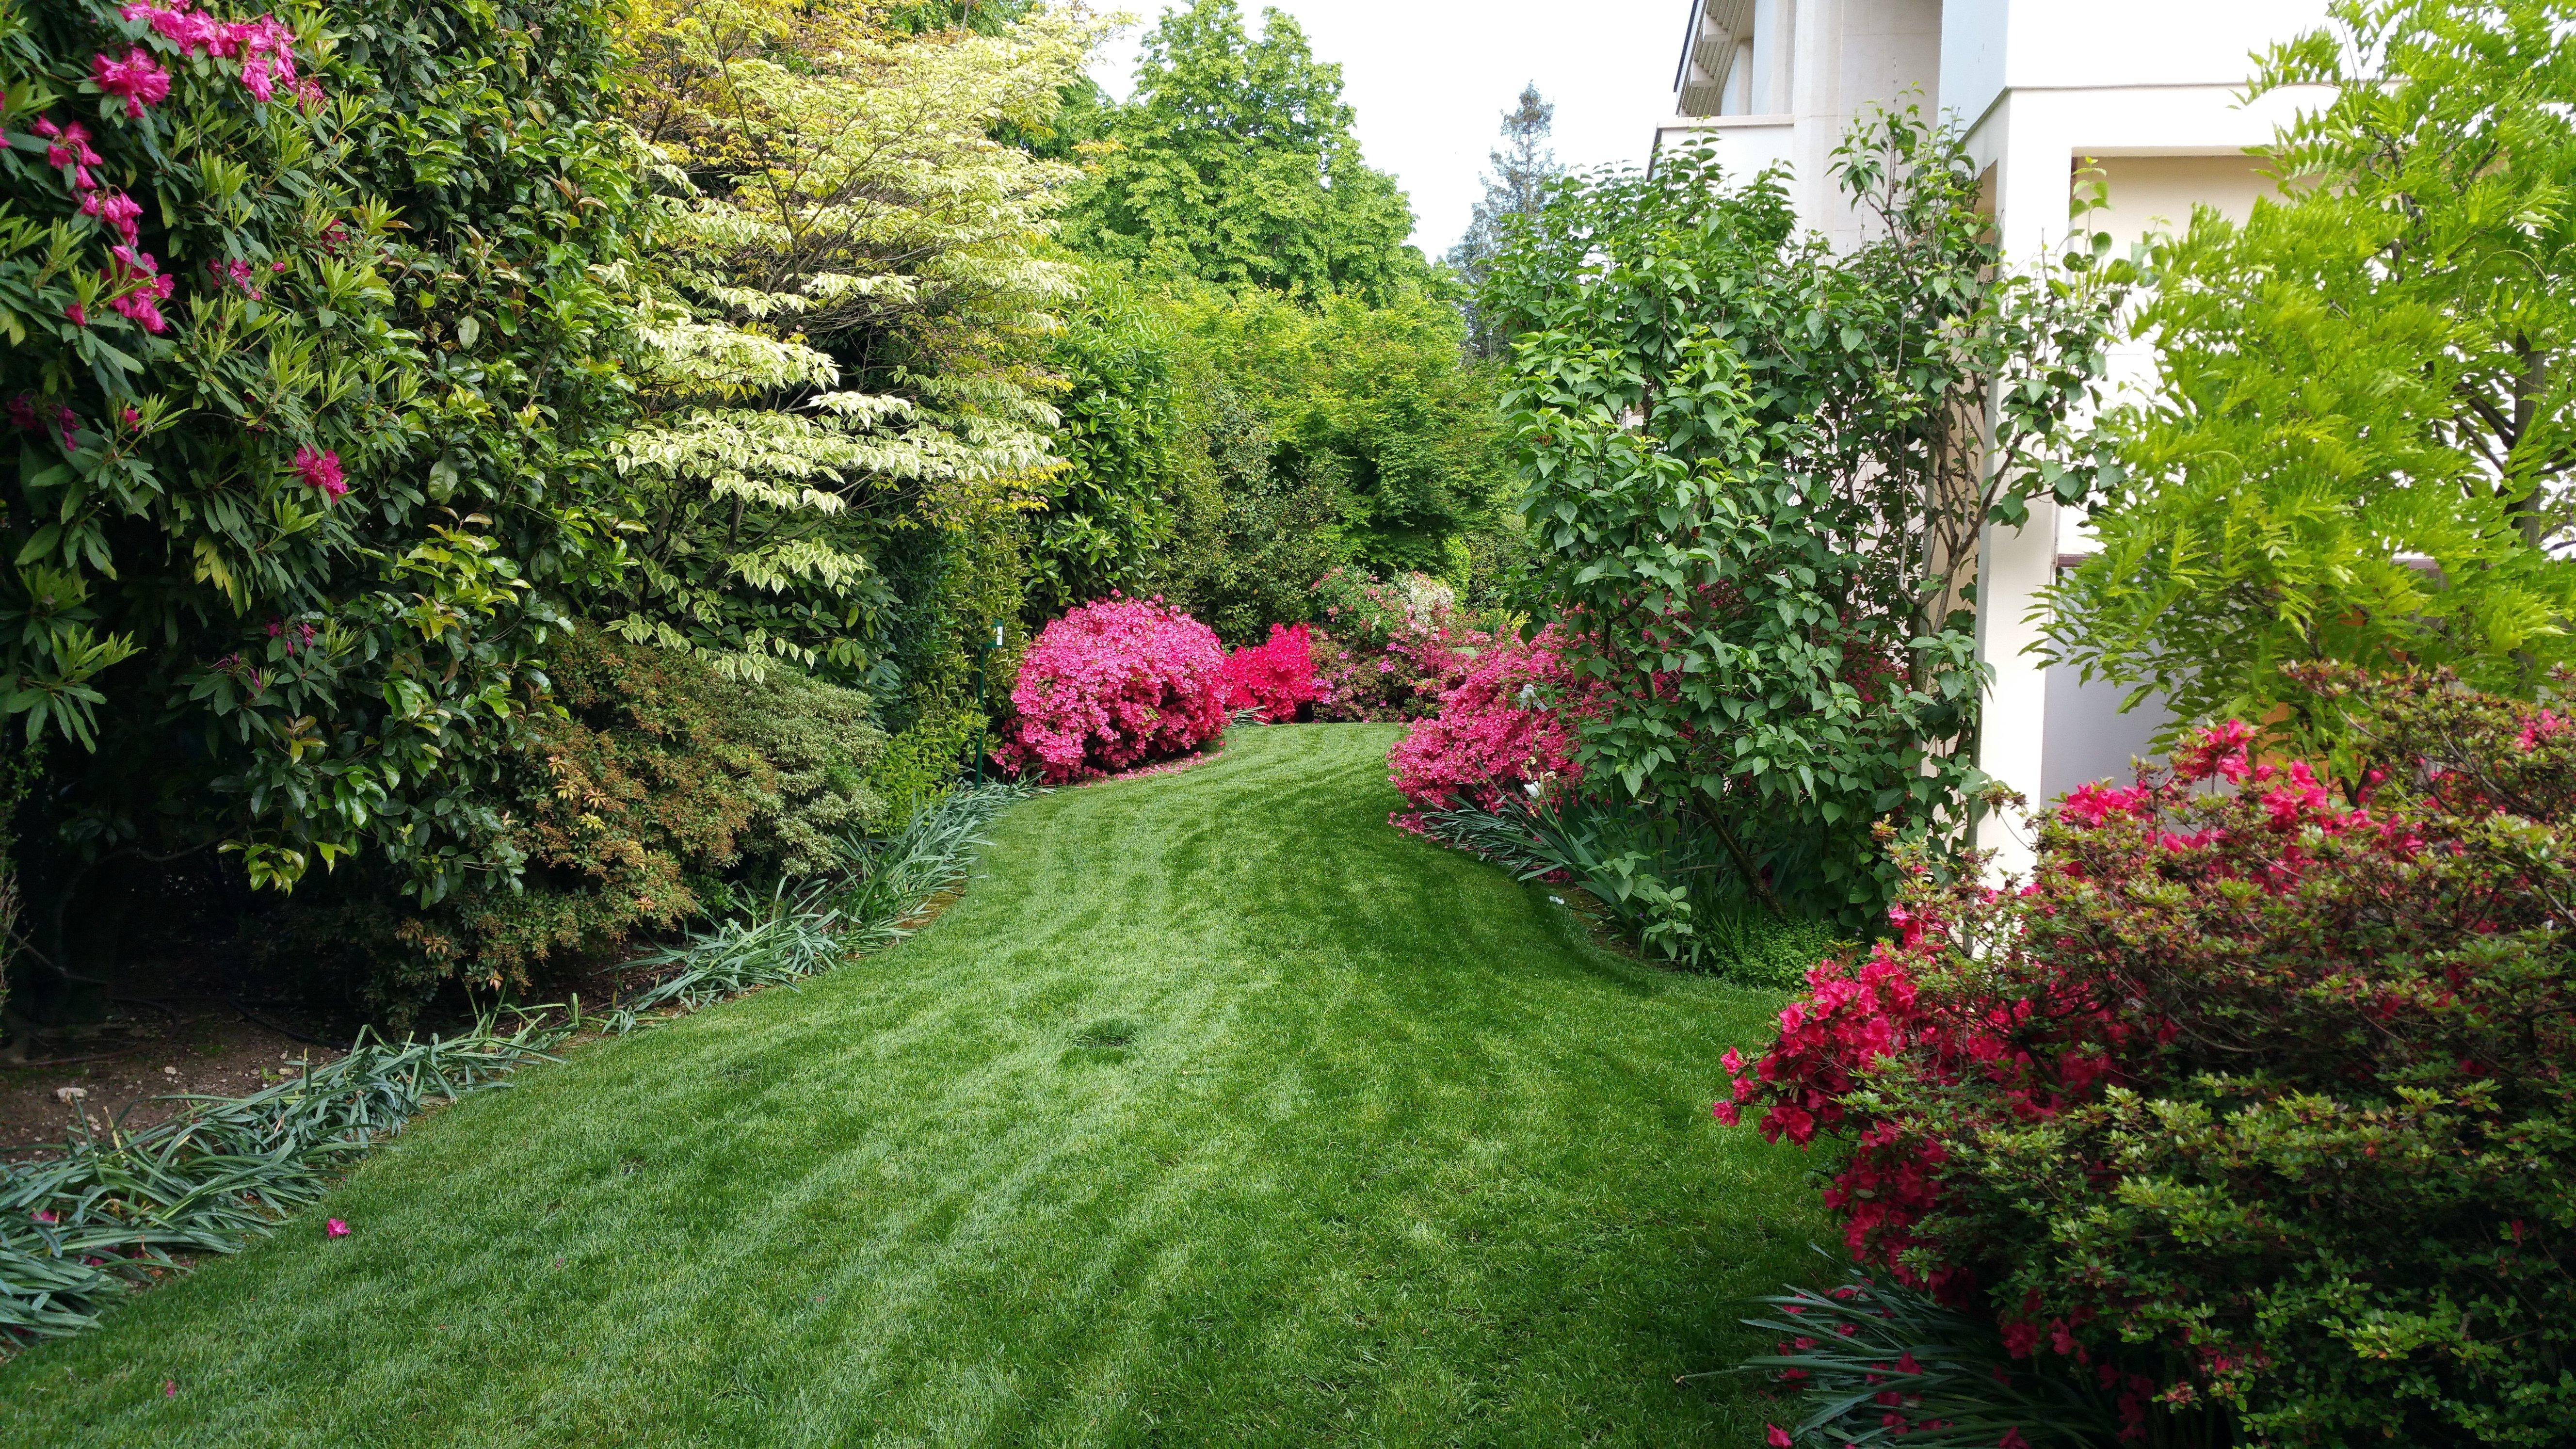 giardino verde con fiori e piante